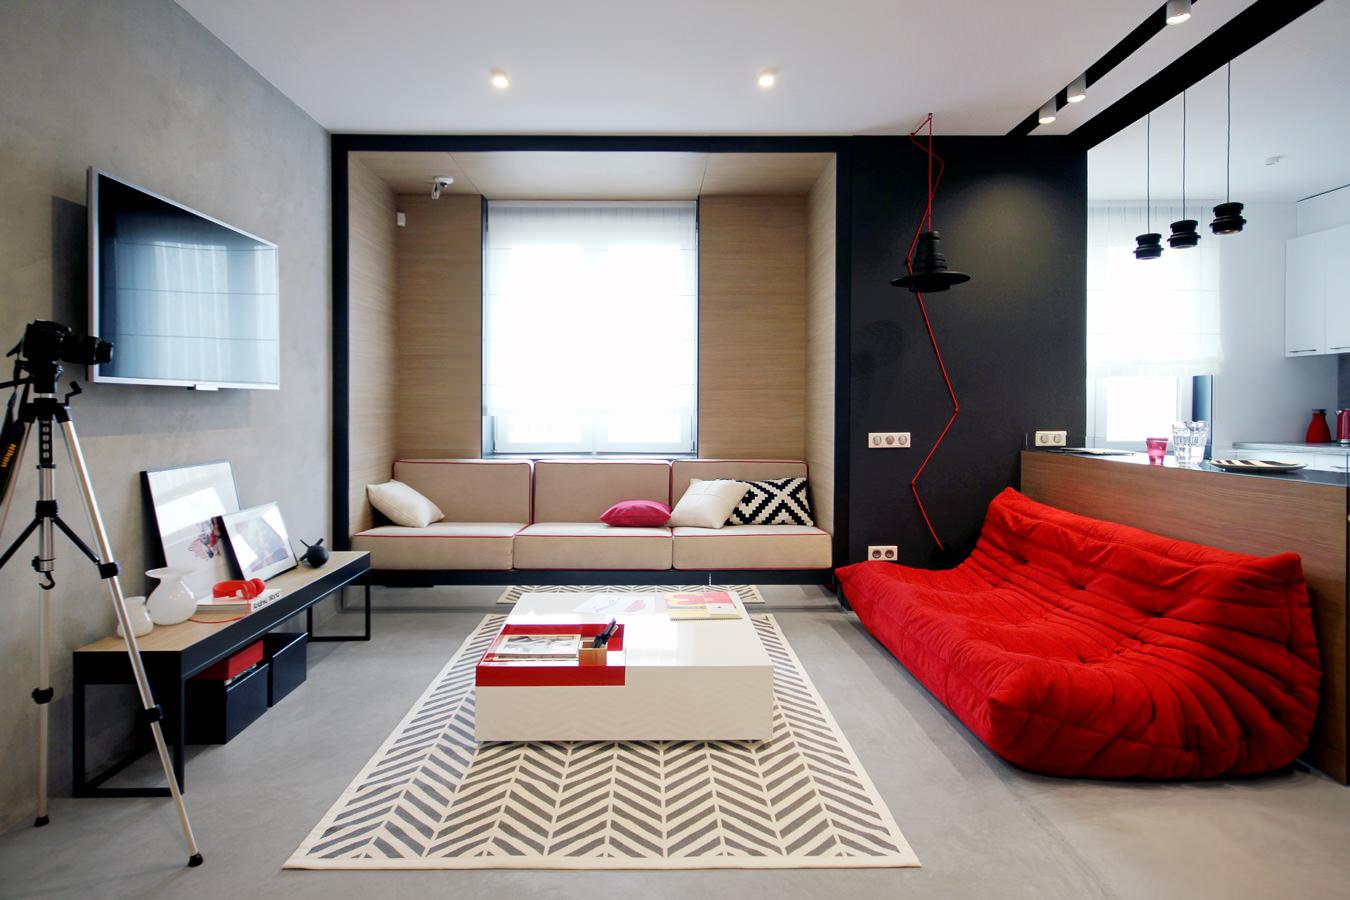 Красный диван в стиле лофт